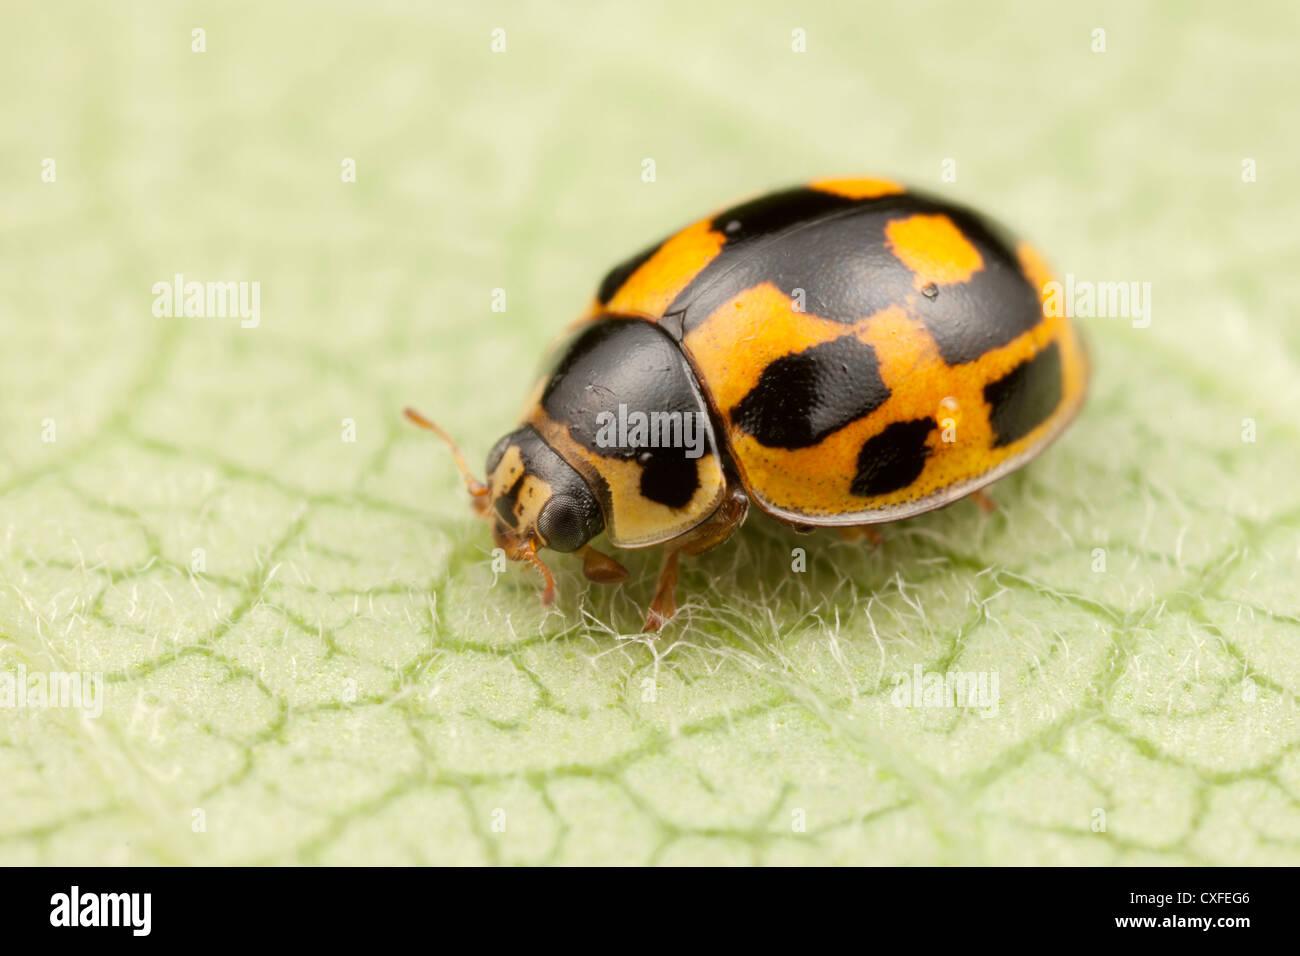 Quatorze points Propylea quatuordecimpunctata (Coccinelle) - Femmes Photo Stock